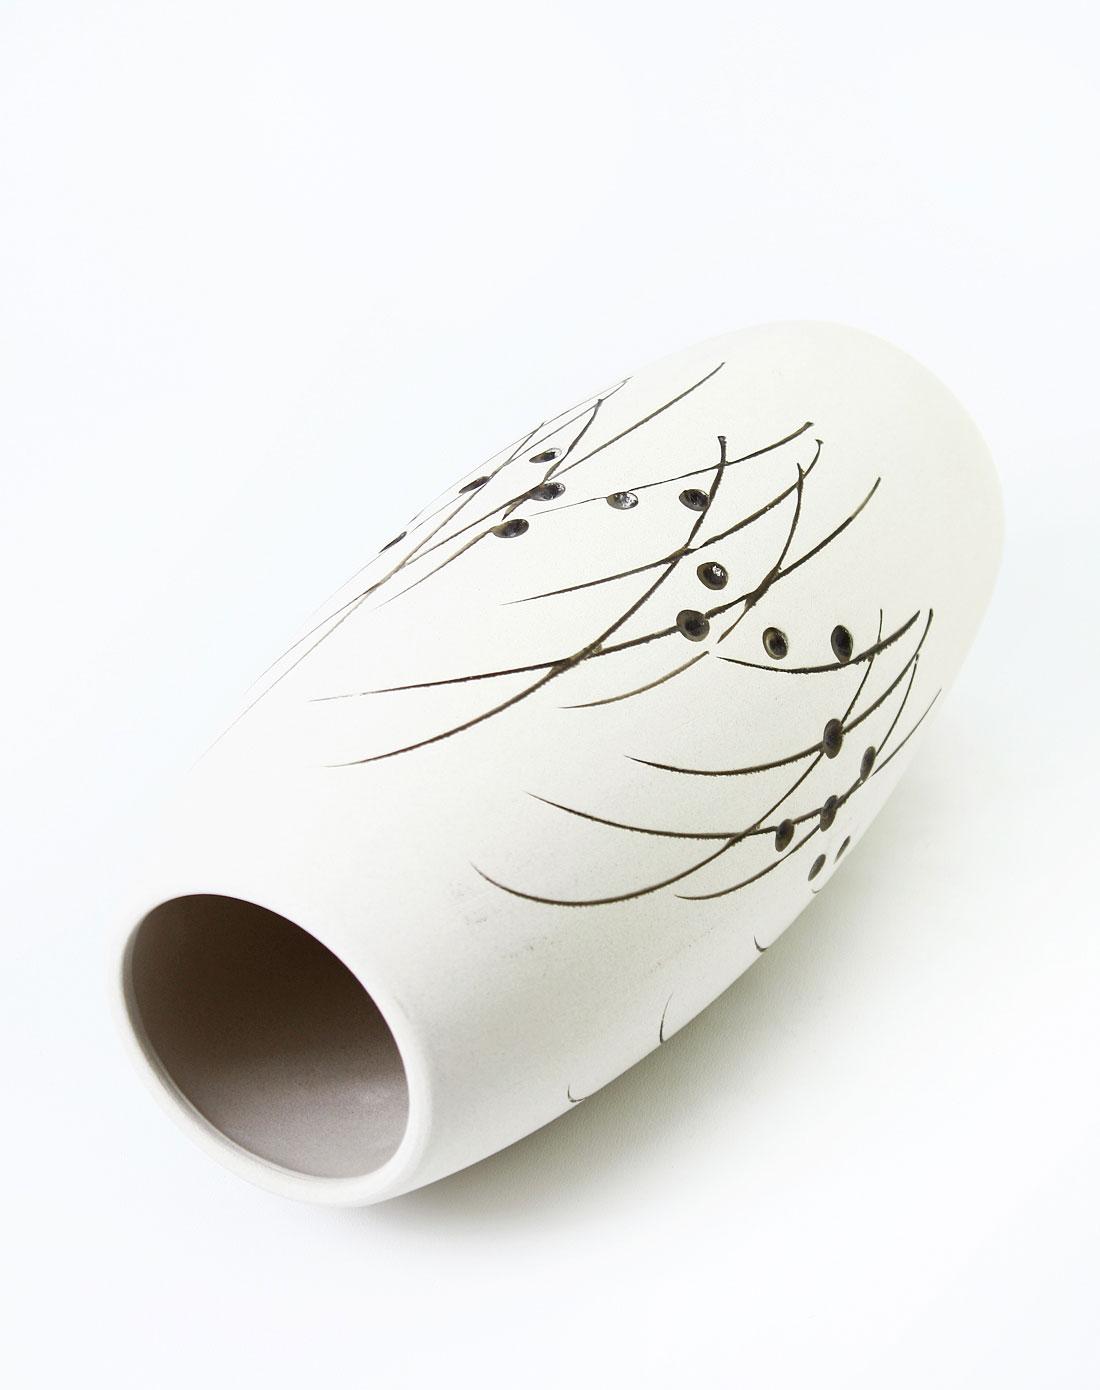 陶艺手绘花瓶-椭圆形